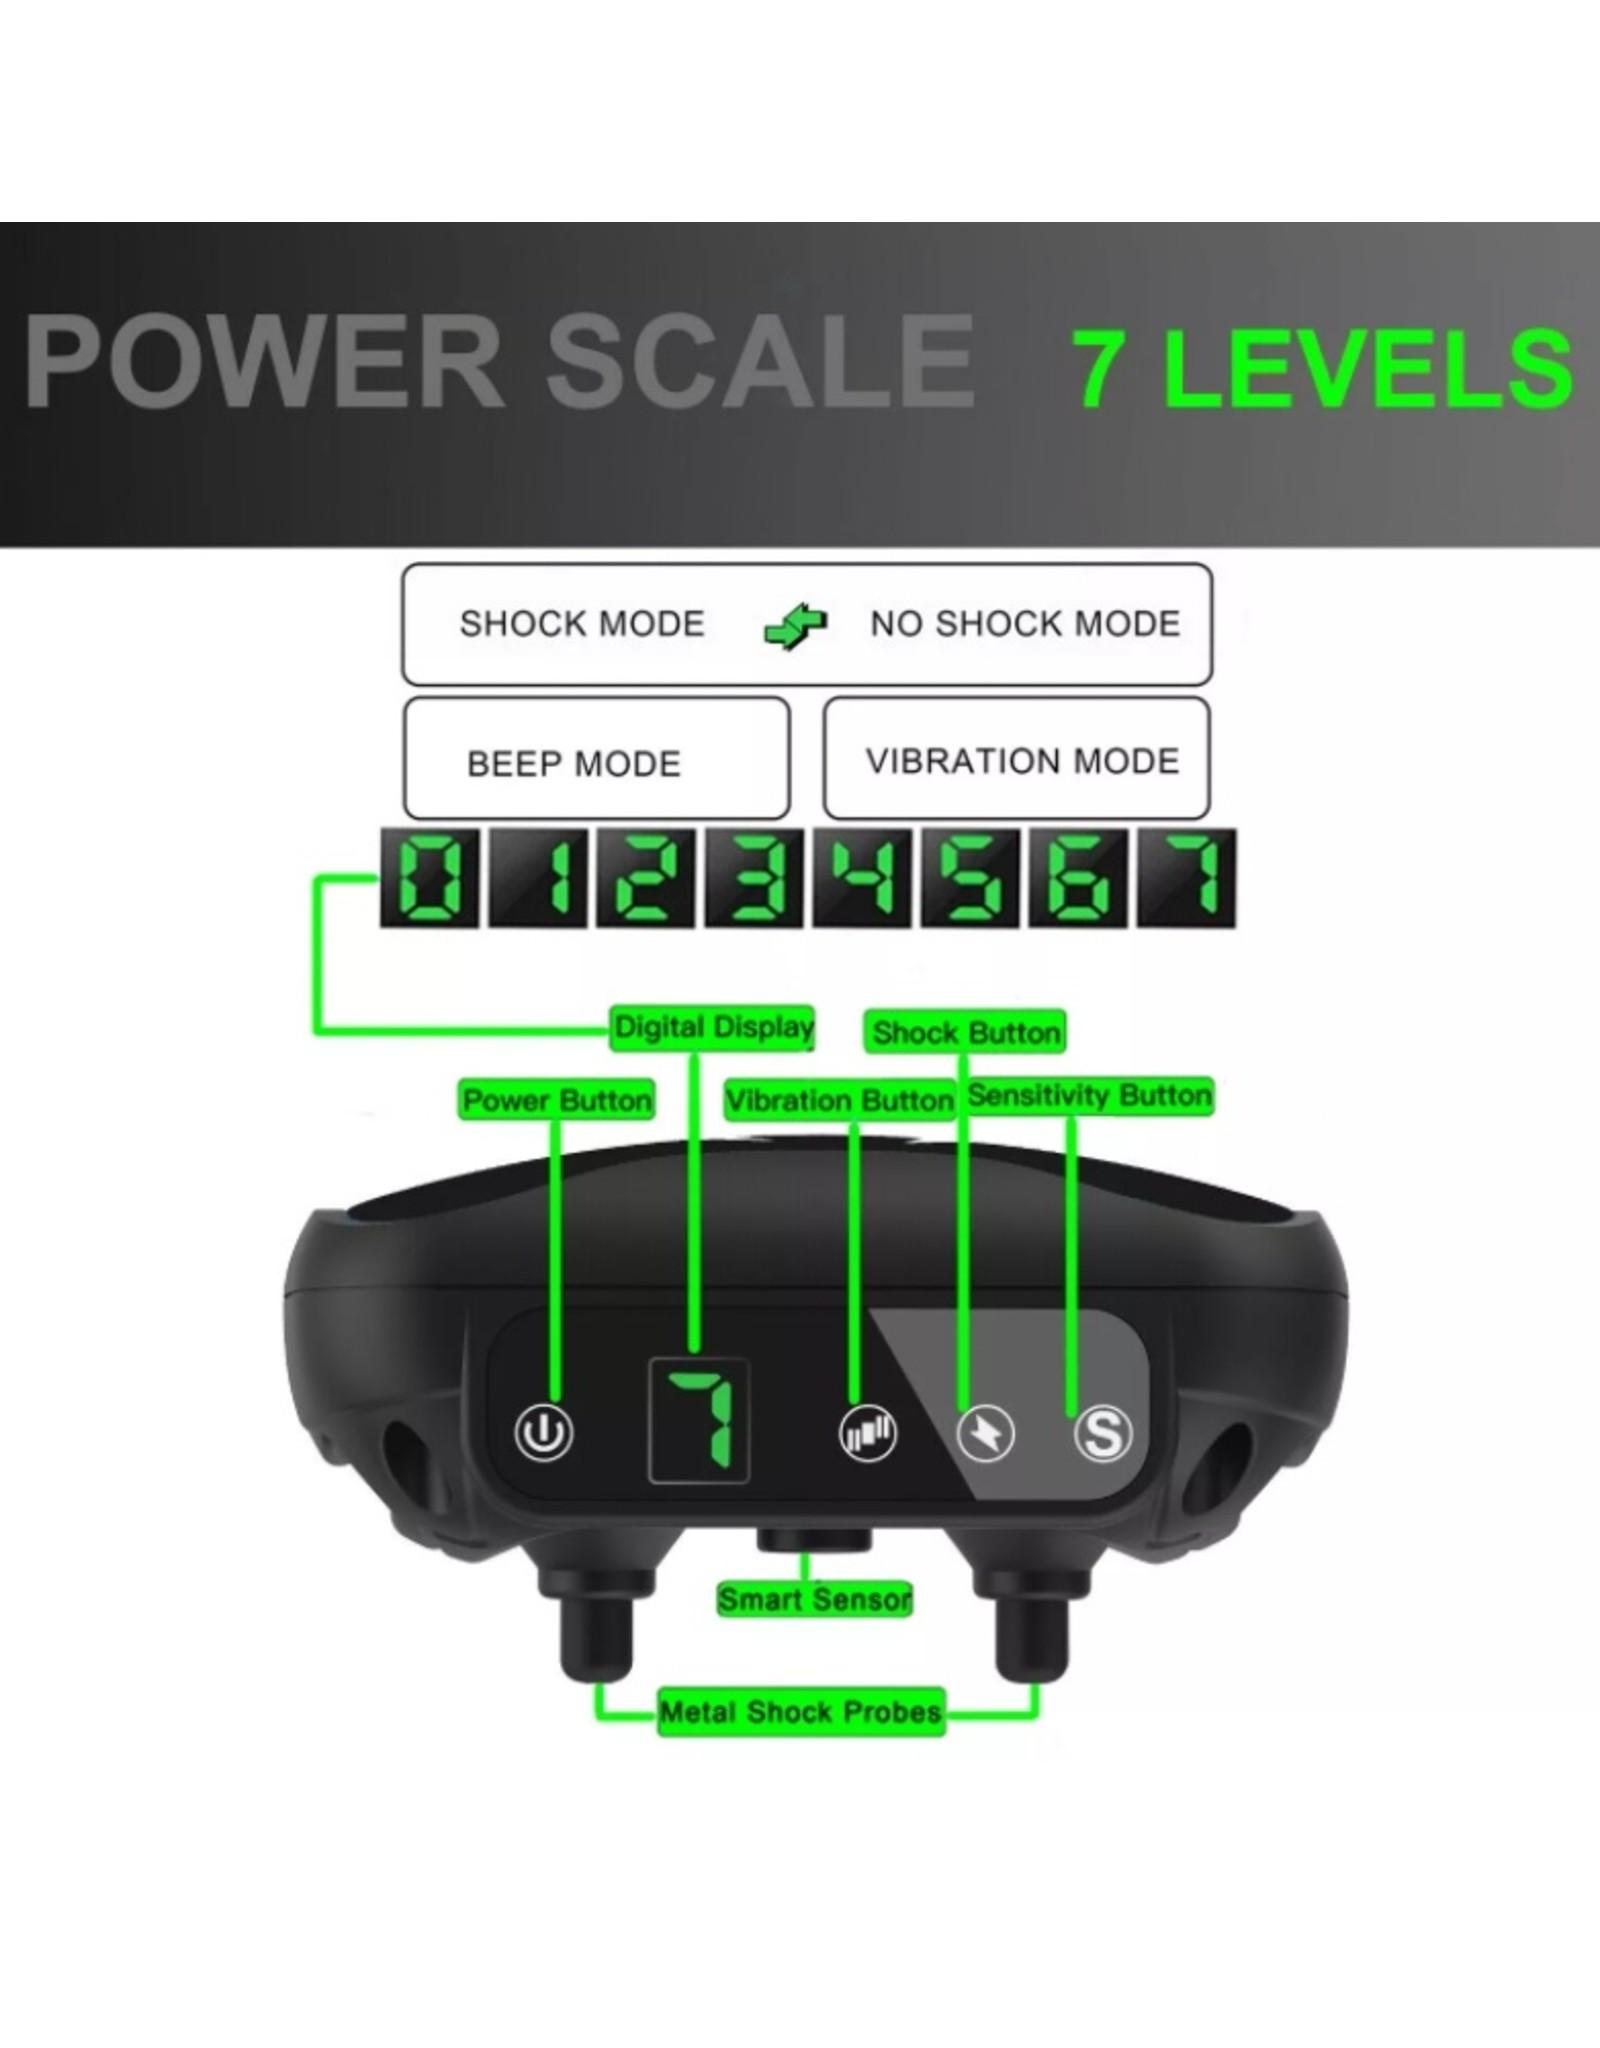 Automatische trainingshalsband tegen blaffen Piep / schokken / trillingen – Anti-blafband - Oplaadbaar zonder afstandsbediening